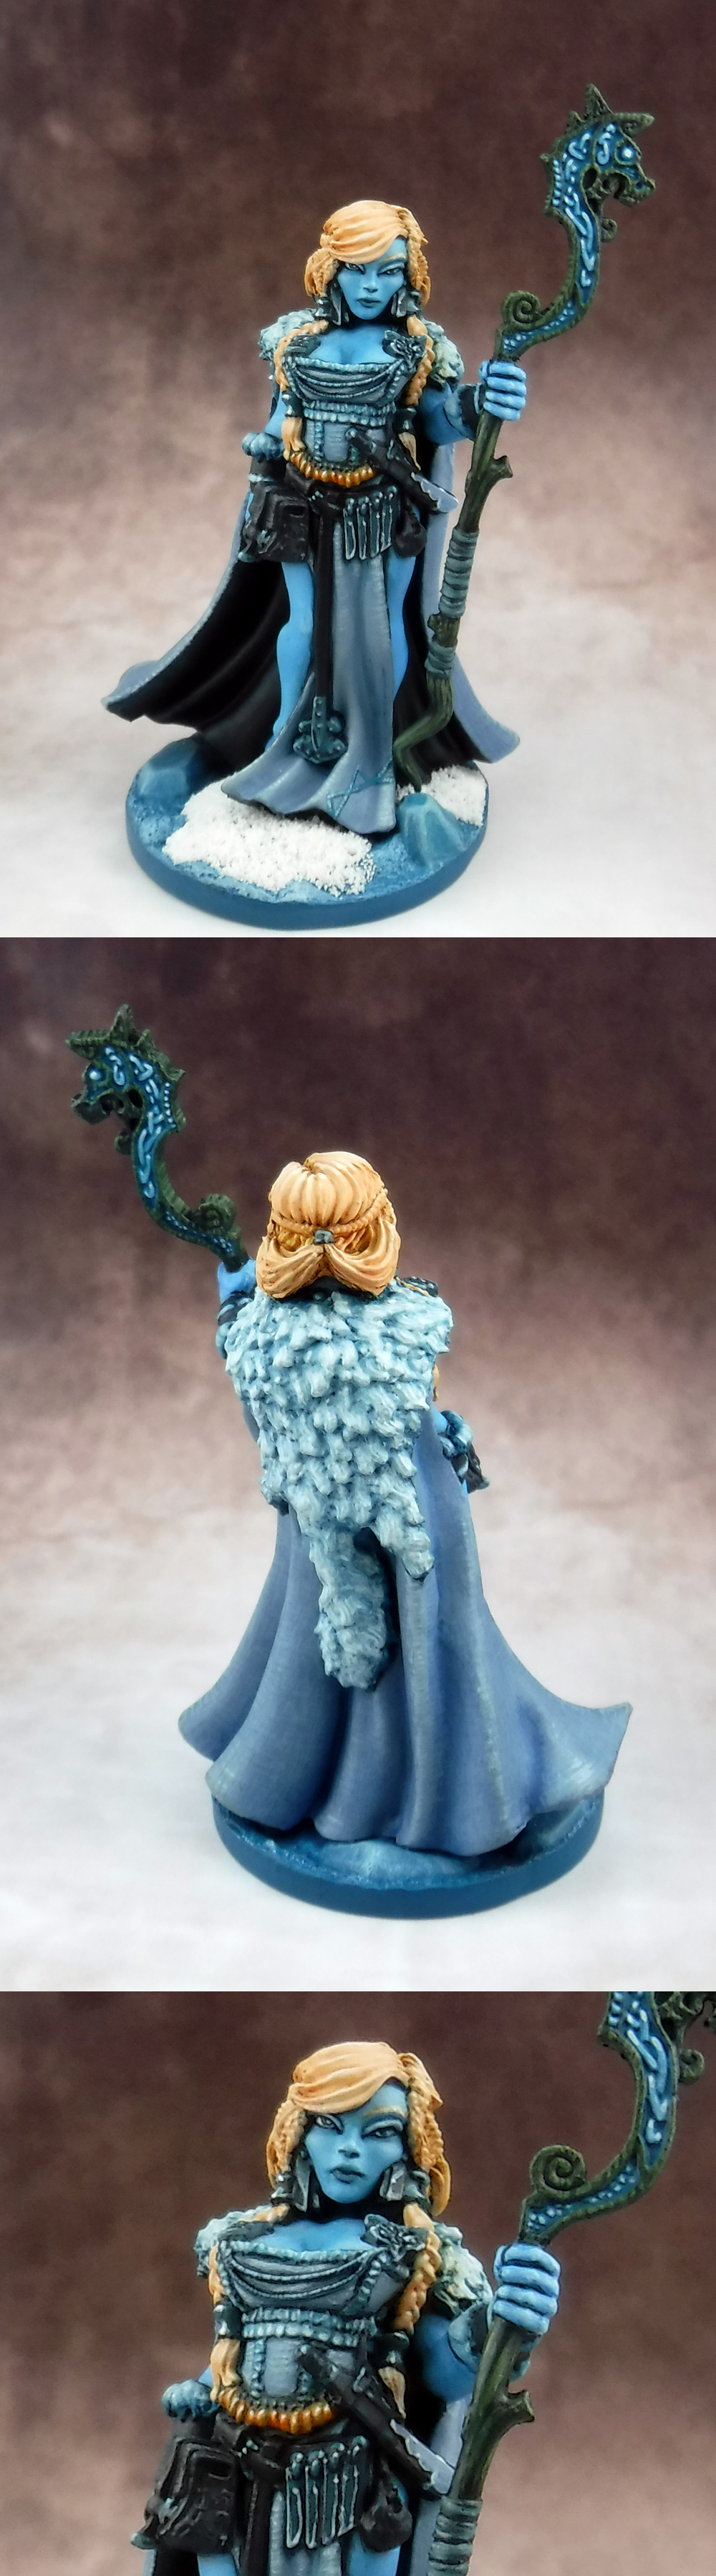 Frost Giant Queen - Reaper Bones 3 Kickstarter